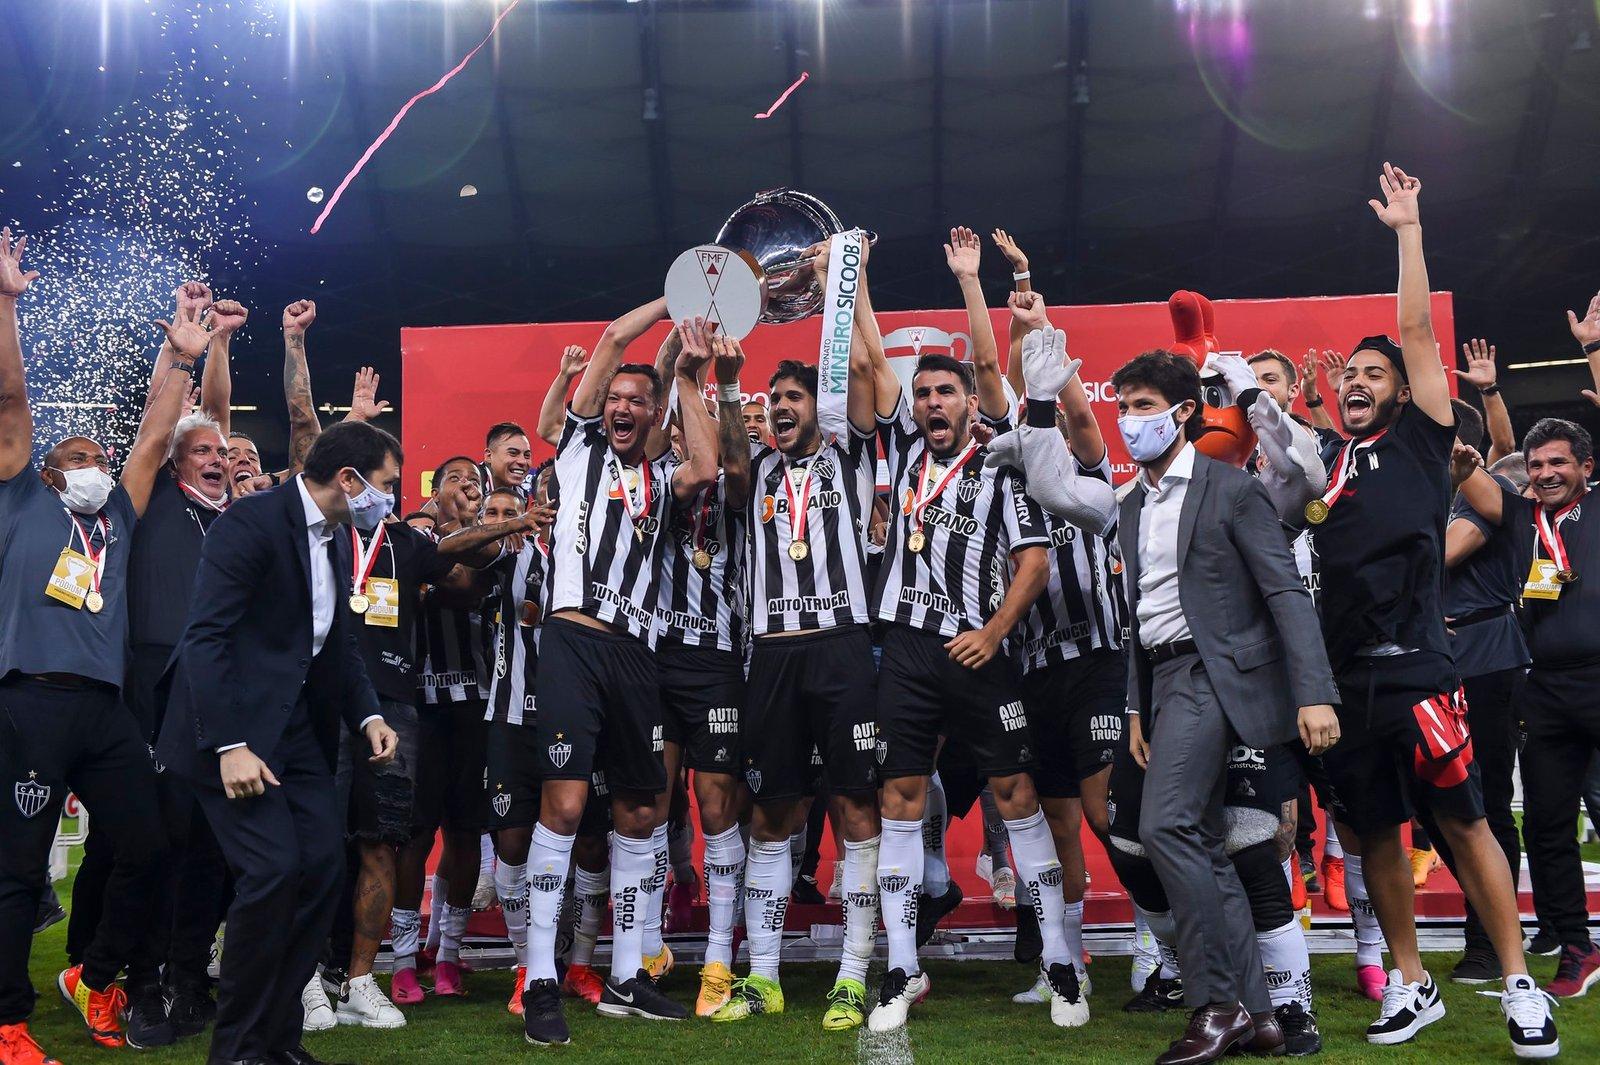 Espora 13 - Atlético - Galo - Atlético-MG - BICAmpeãooooooooo!!! Pela 46ª vez, Galo é CAMpeão do Campeonato Mineiro!